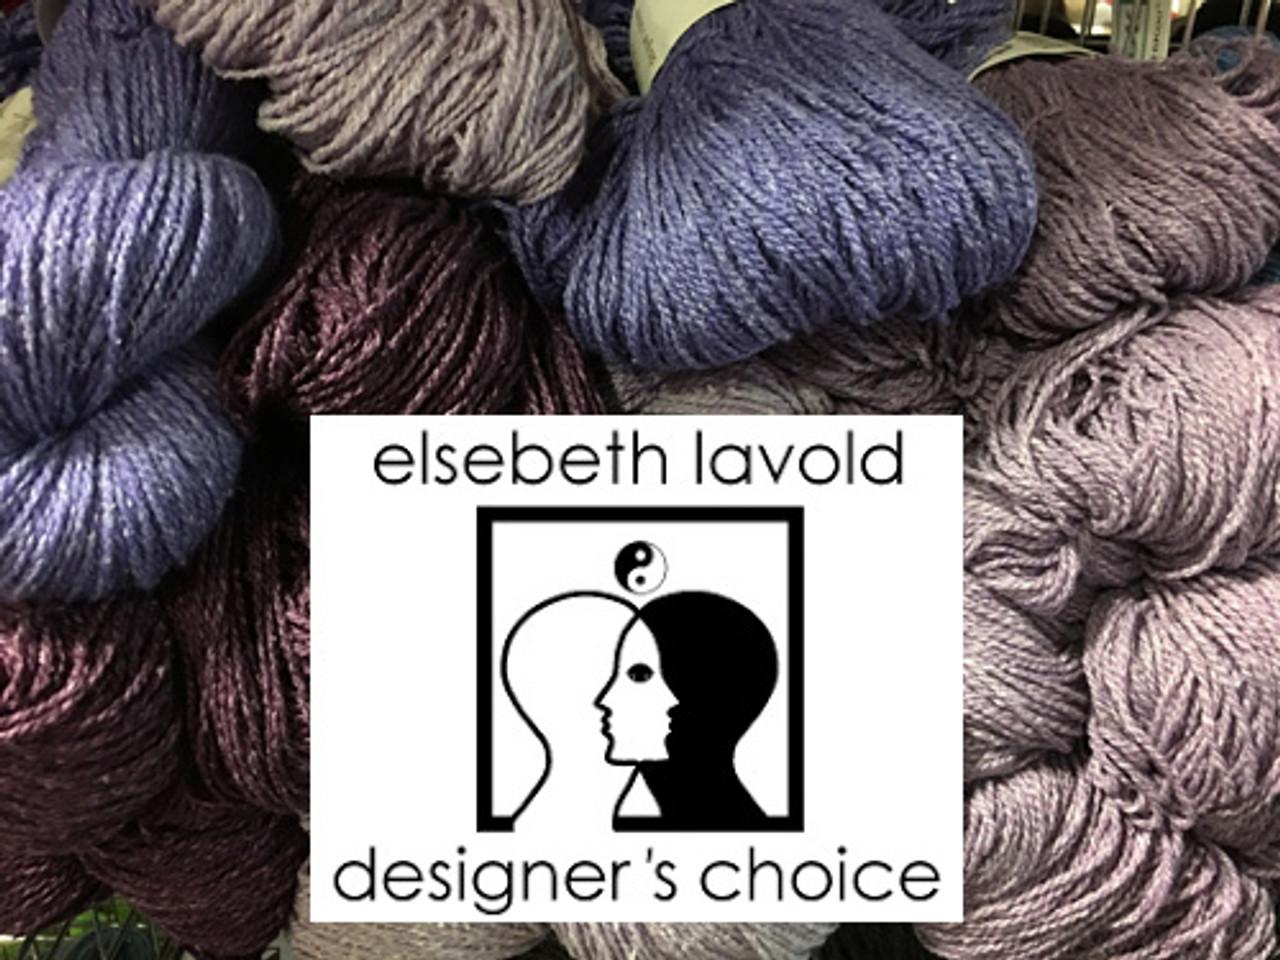 Elsebeth Lavold Silky Wool - Wool Silk Blend Yarn